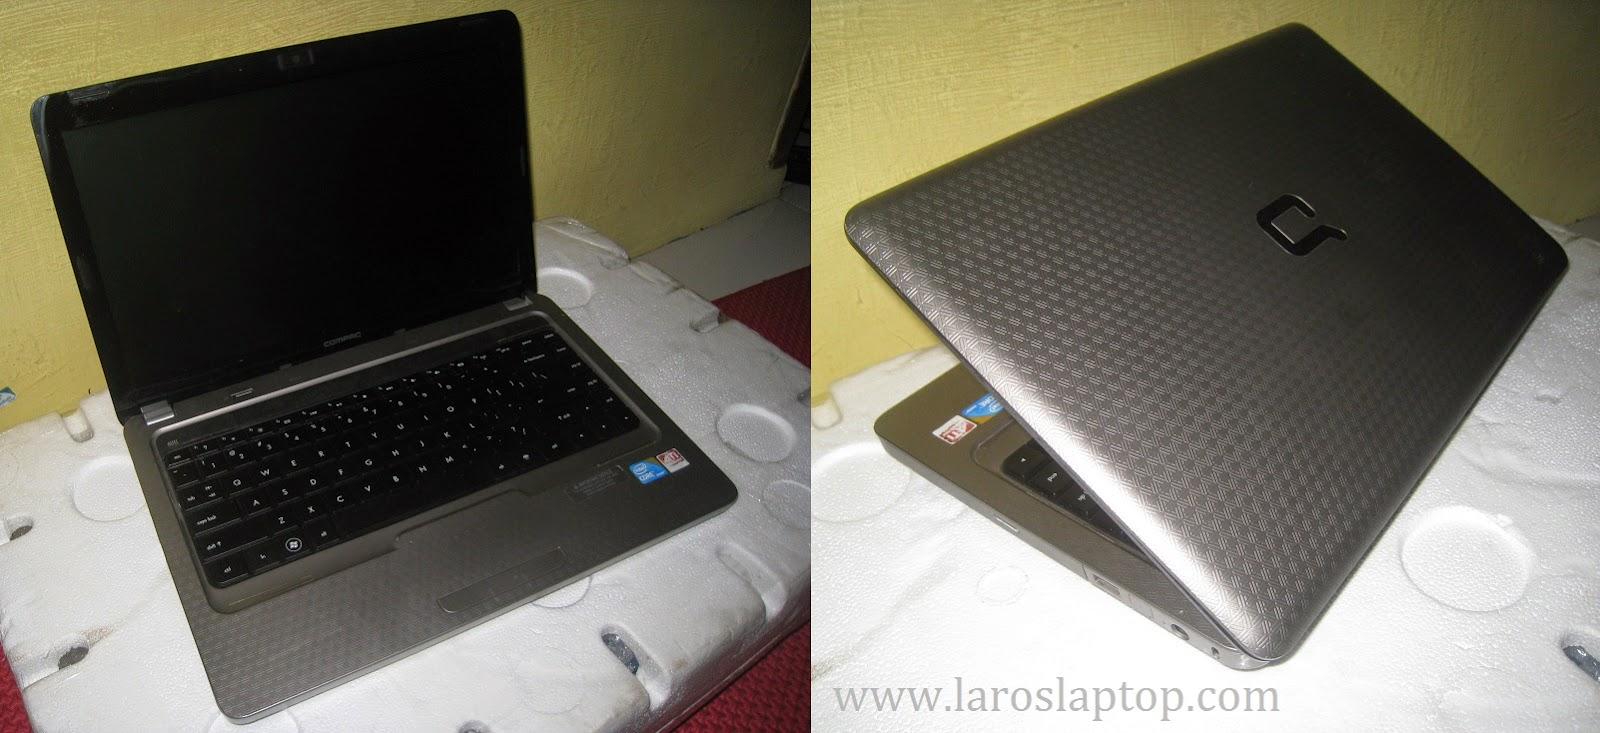 Harga Laptop Second Compaq Presario CQ42 ( Dual VGA )